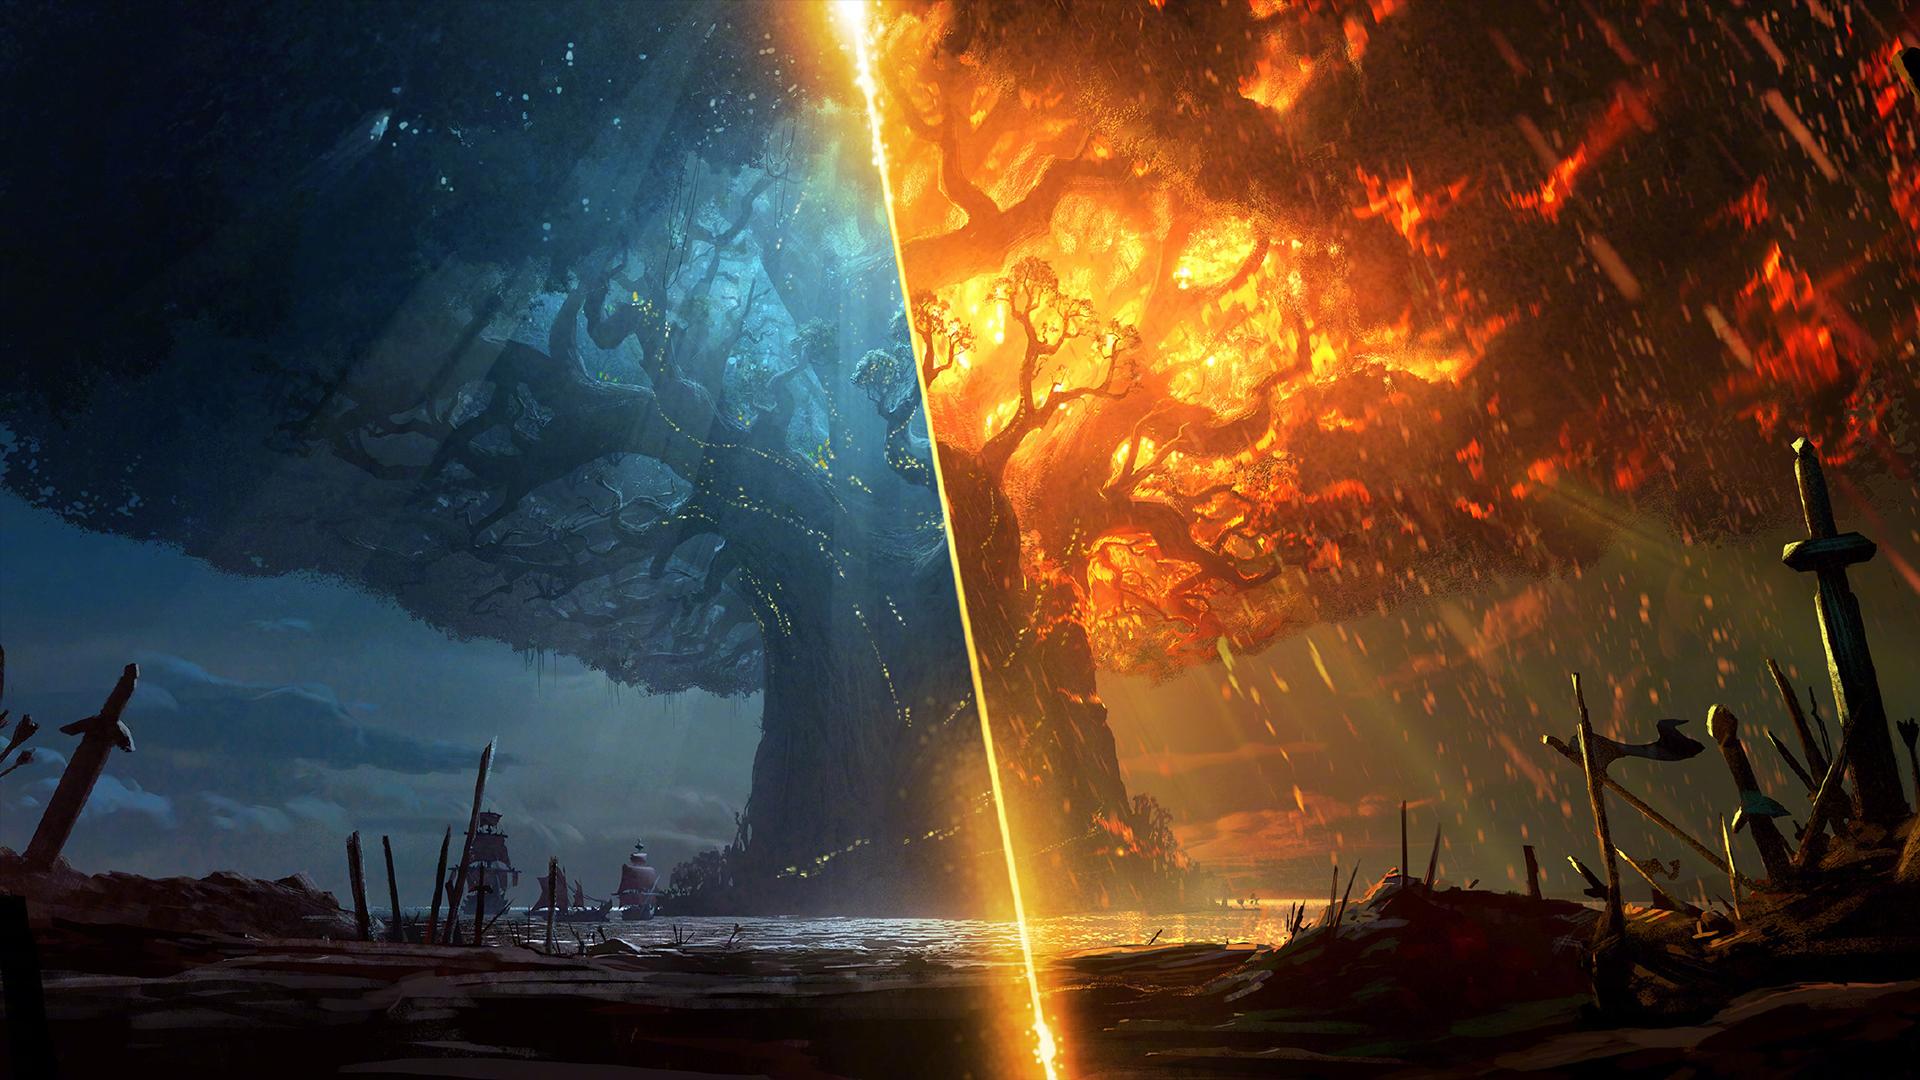 魔兽争霸3主题_《魔兽世界》8.0争霸艾泽拉斯官方主题壁纸图片_桌面壁纸_mm4000 ...